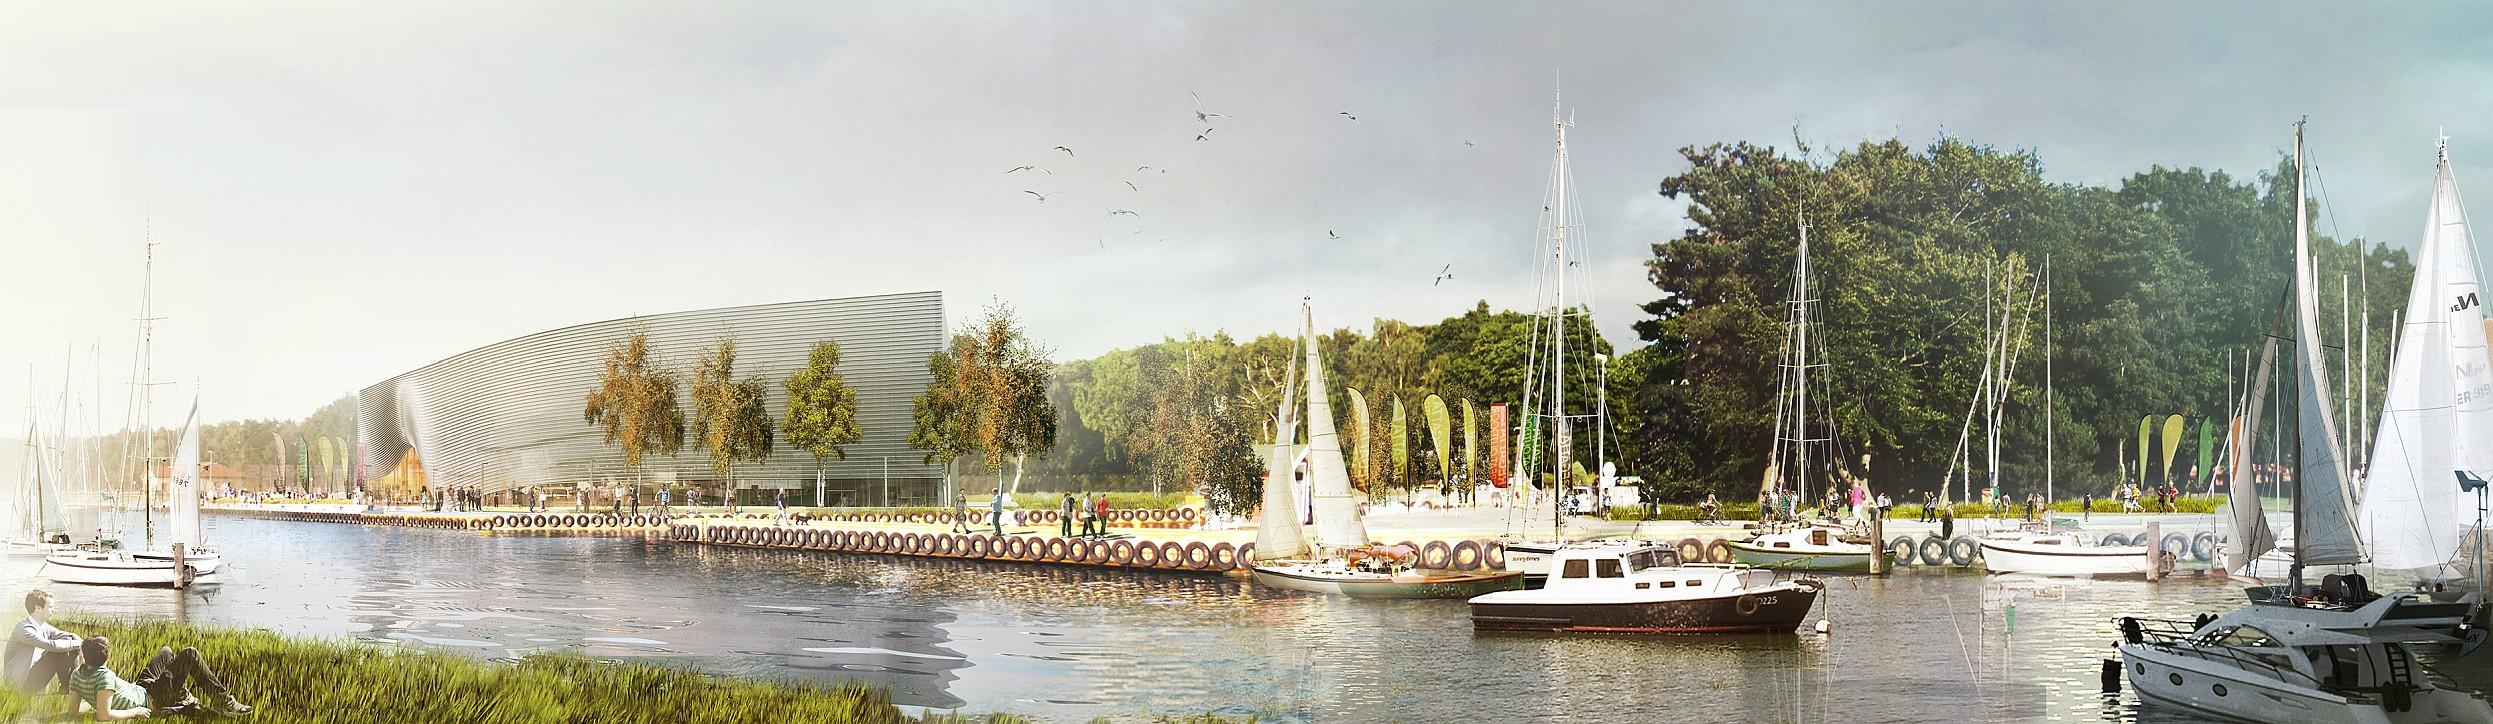 Projekt Muzeum Archeologii Podwodnej i Rybołówstwa Bałtyckiego w Łebie. Widok z portu. Autor plus3architekci